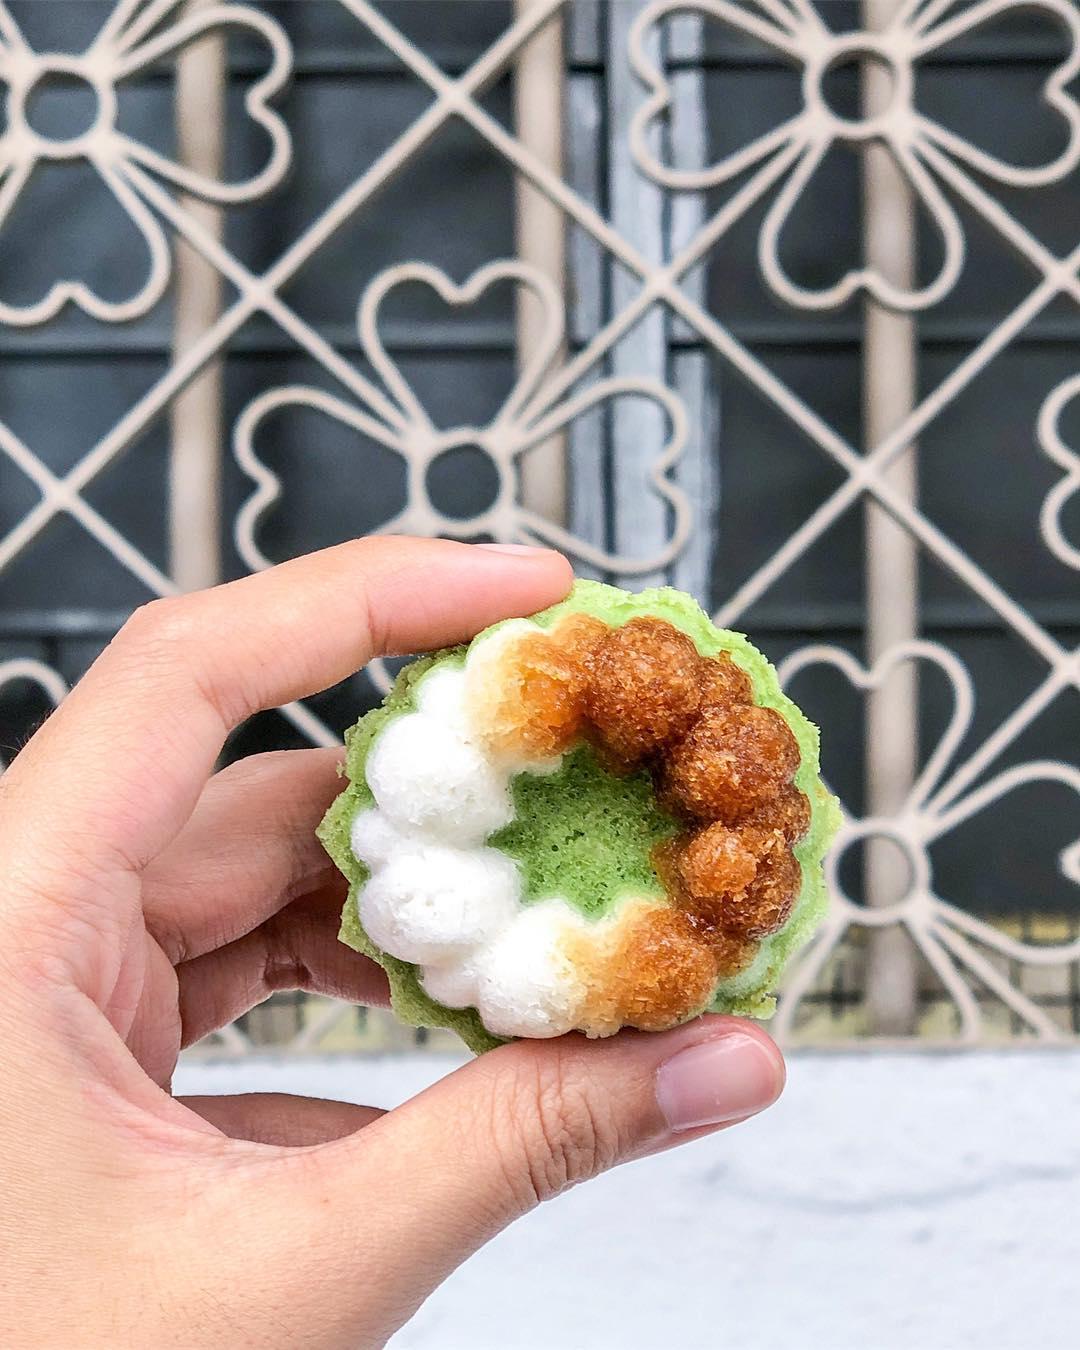 10 Nonya Kueh Shops - Tiong Bahru Galicier Pastry Bakery